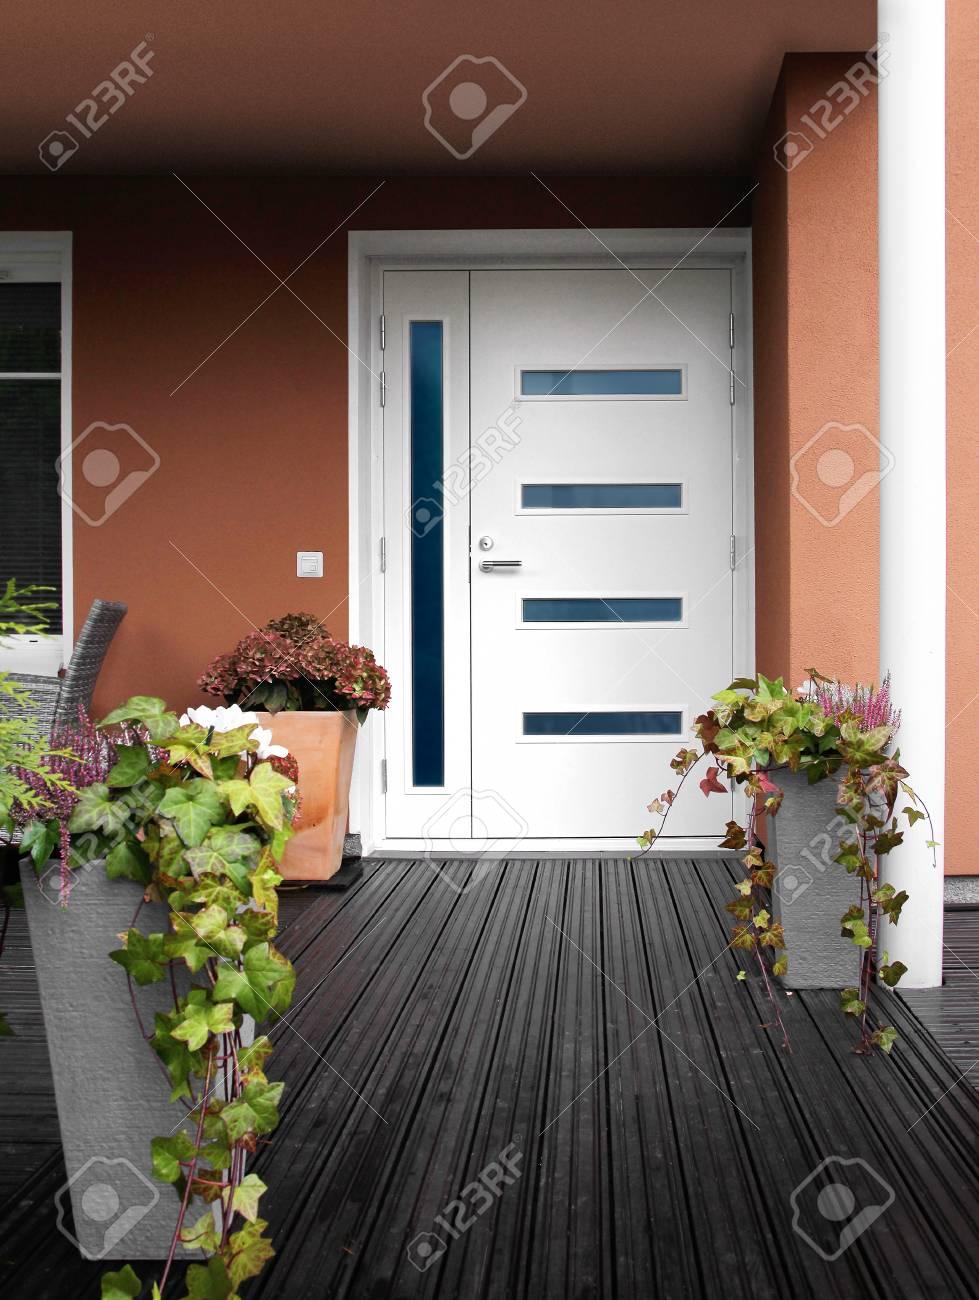 Entrée de maison en pierre moderne porte blanche avec fenêtres